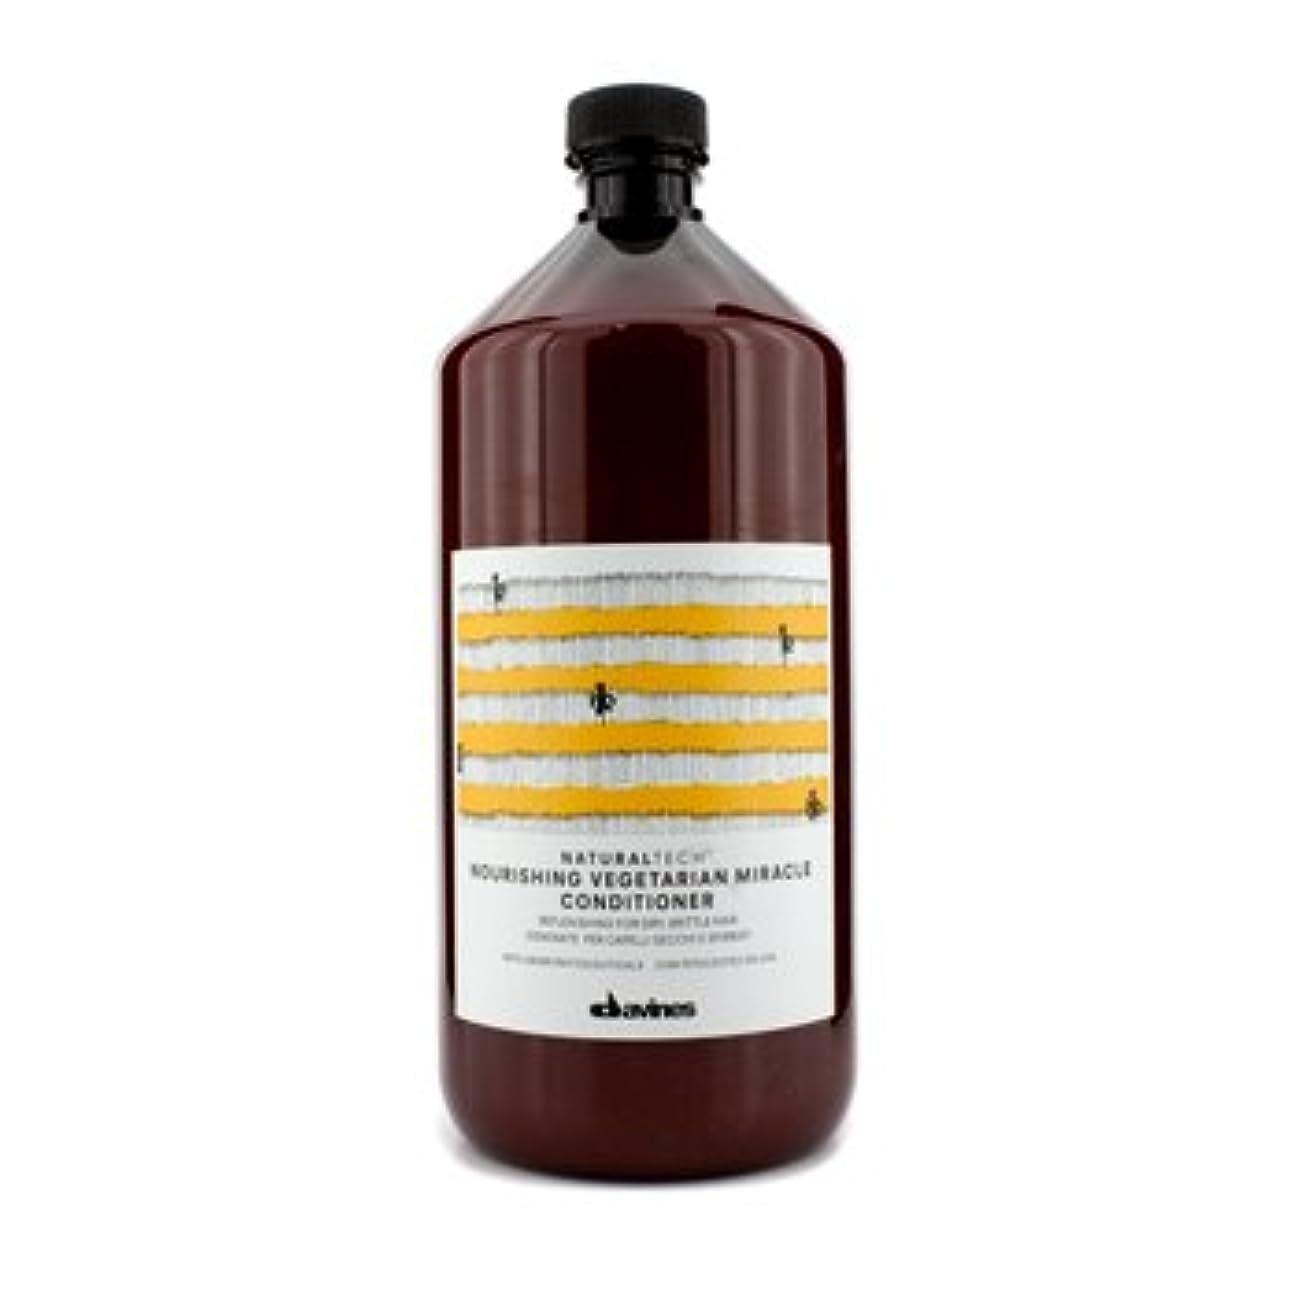 援助する謝罪するフリンジダヴィネスNatural Tech Nourishing Vegetarian Miracle Conditioner (For Dry, Brittle Hair) 1000ml/33.8oz【海外直送品】